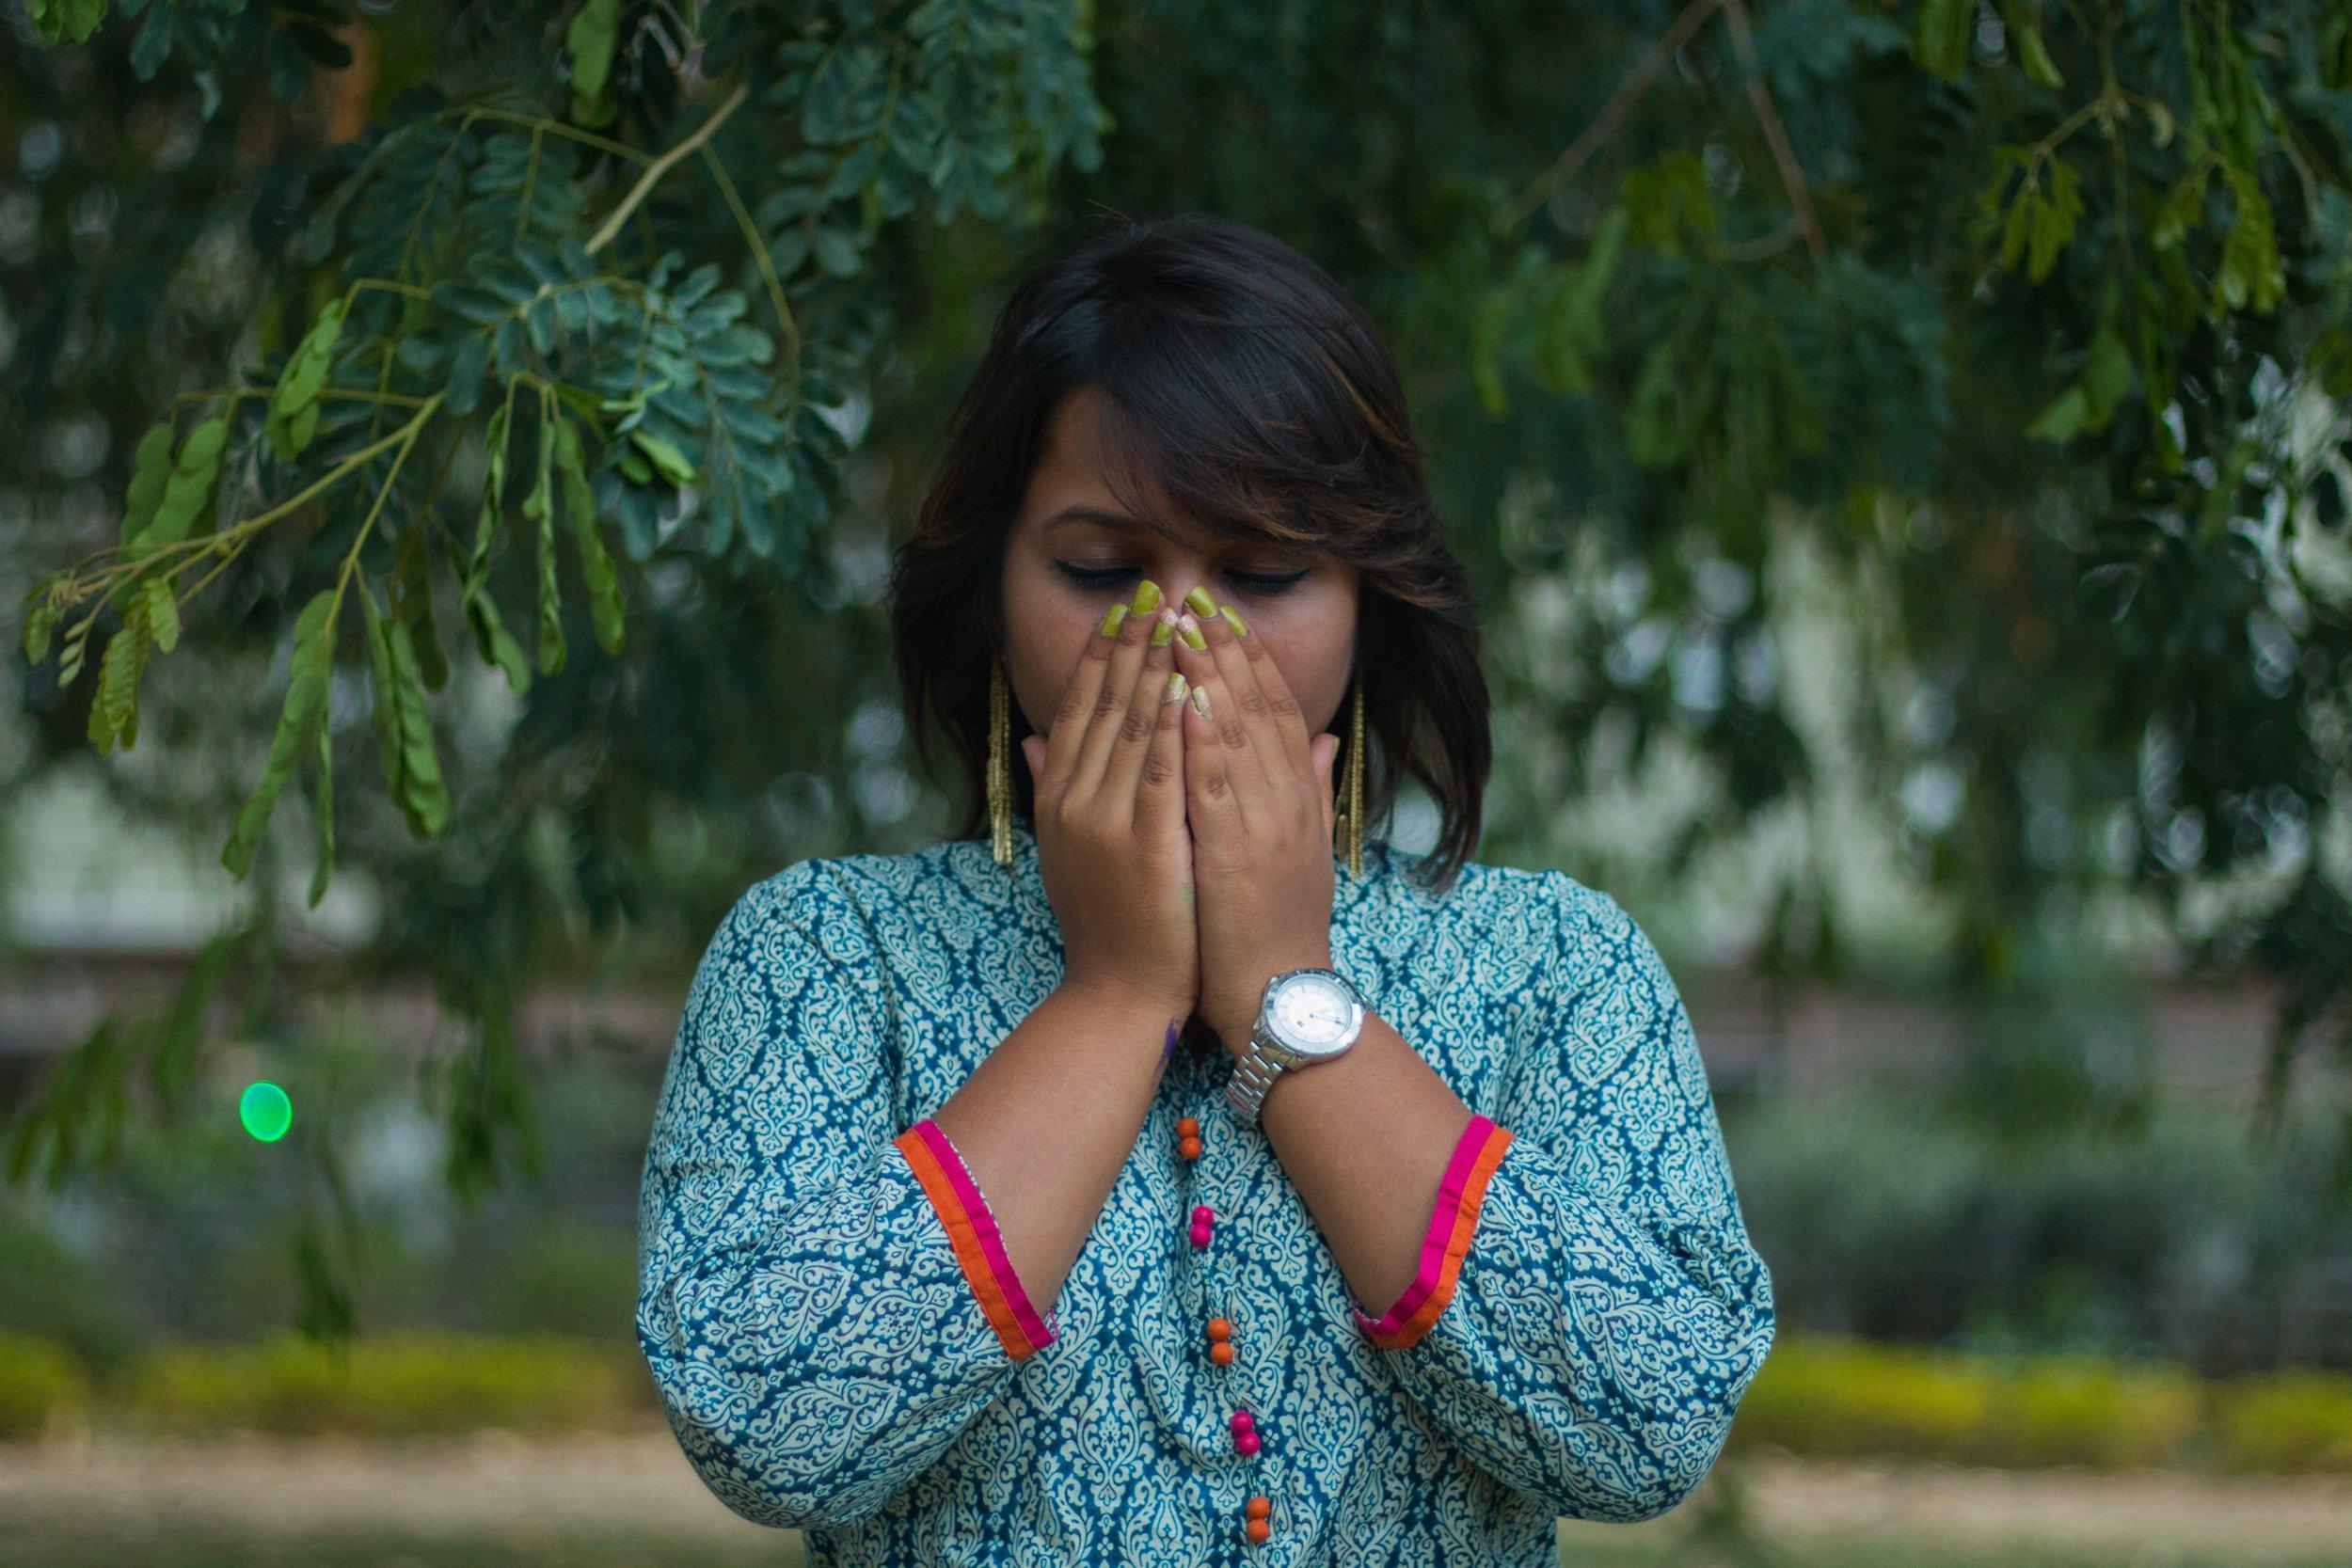 swaraj-tiwari-90727.jpg